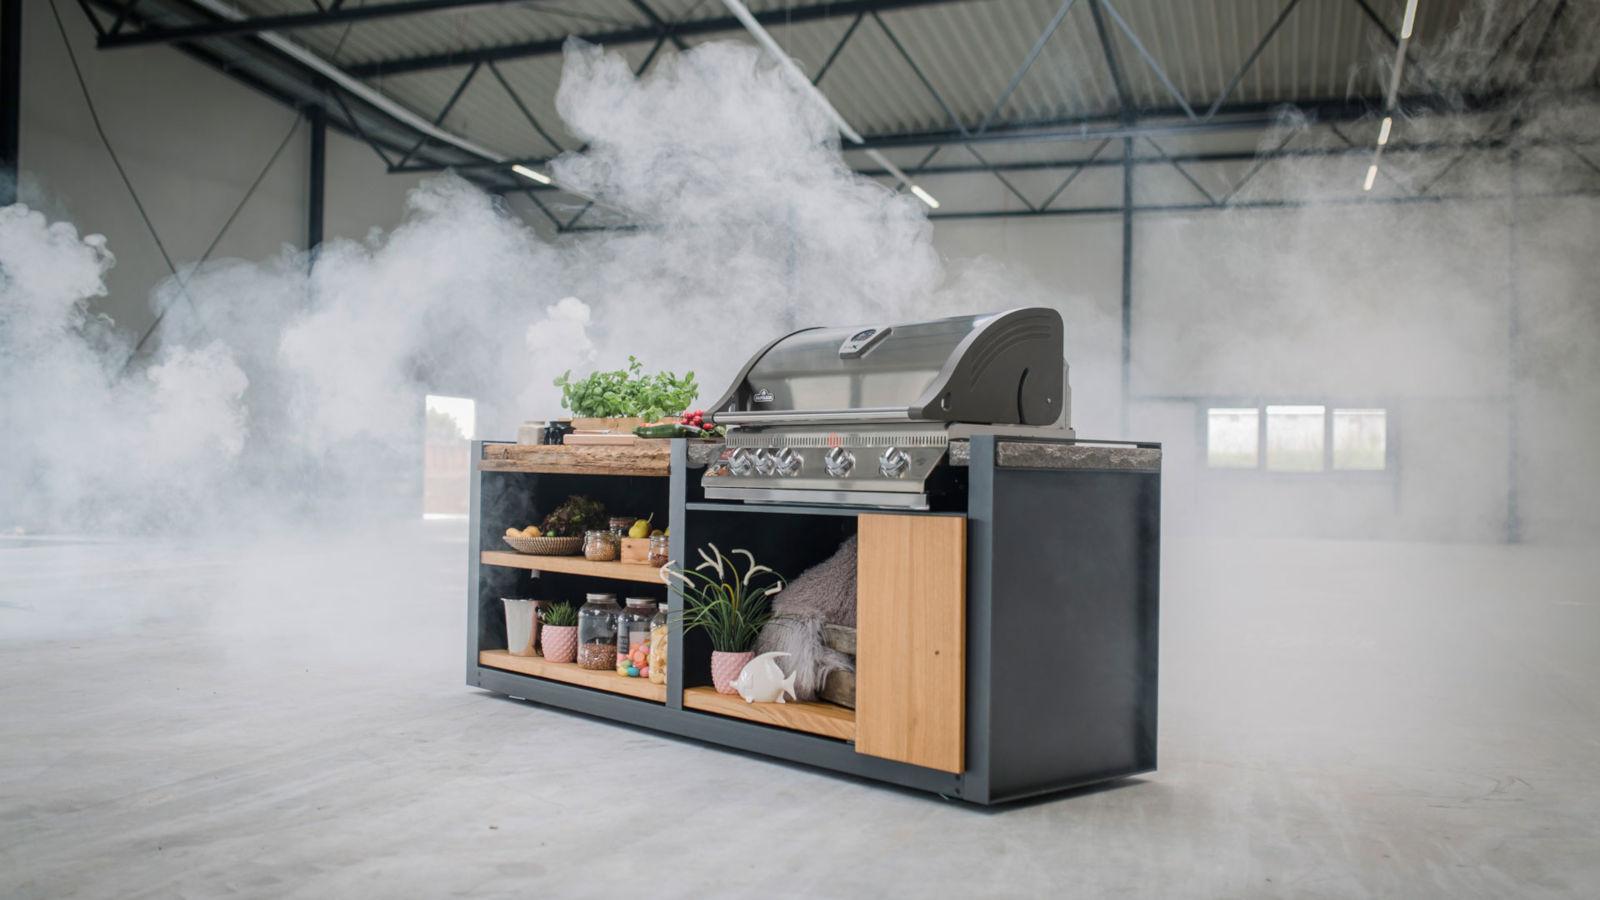 Outdoor Küche Zeichnen : Fertige outdoorküchen lösung für ihren garten